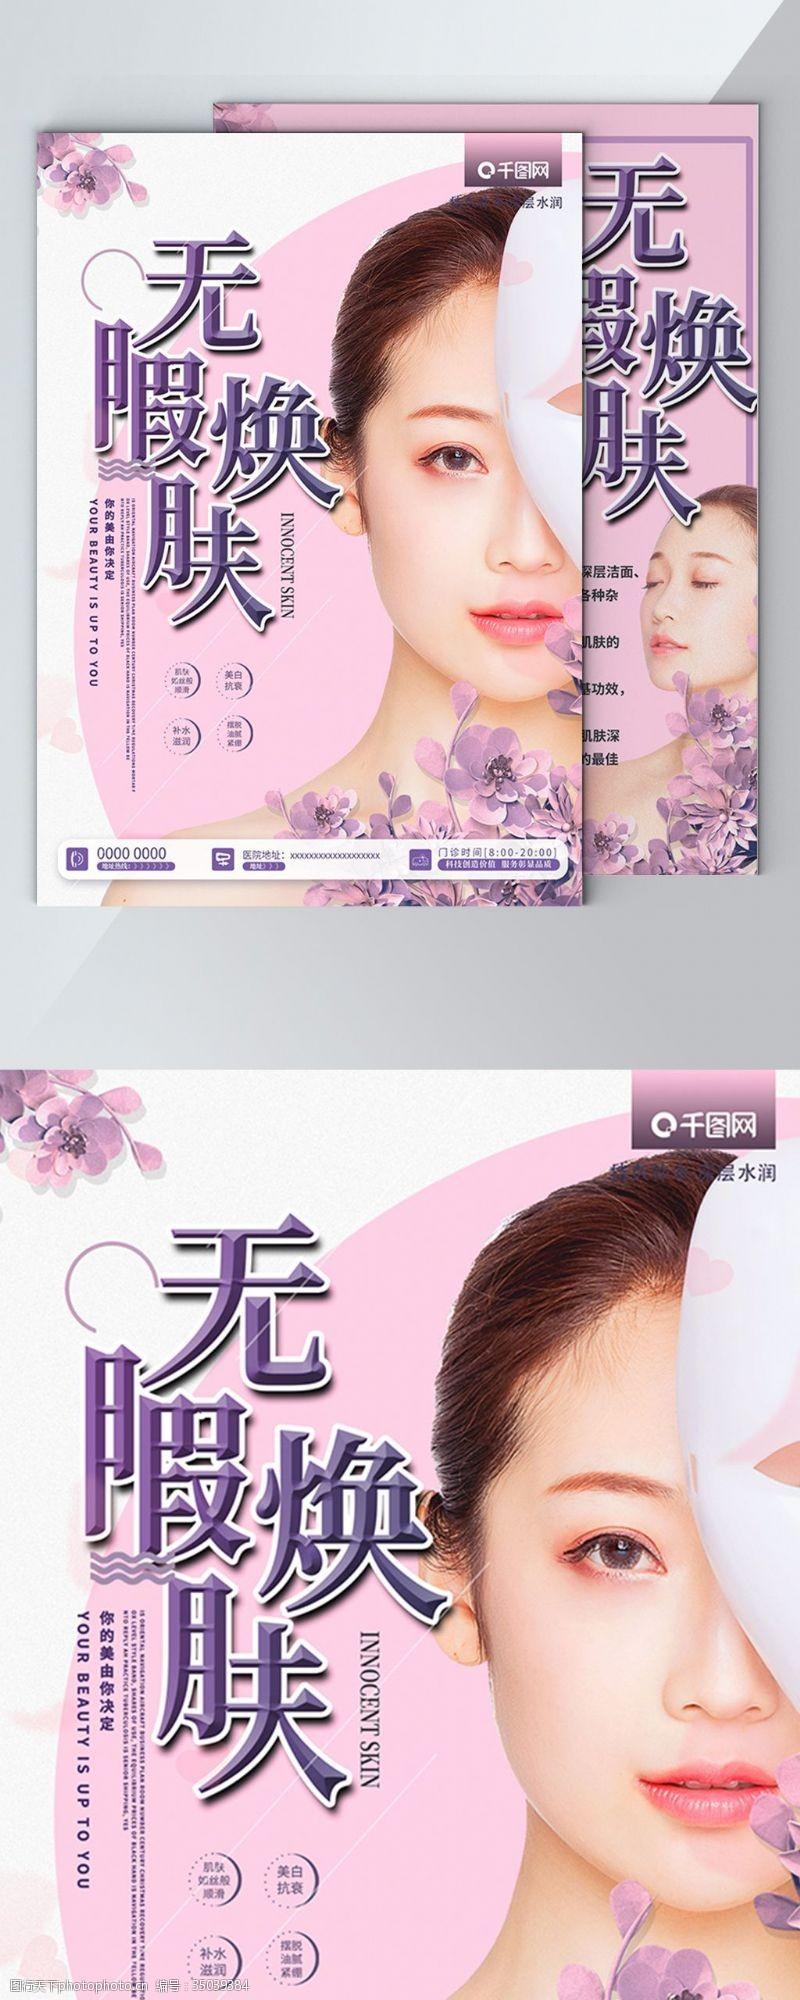 美容院宣傳單無暇煥膚醫療美容宣傳單頁模板